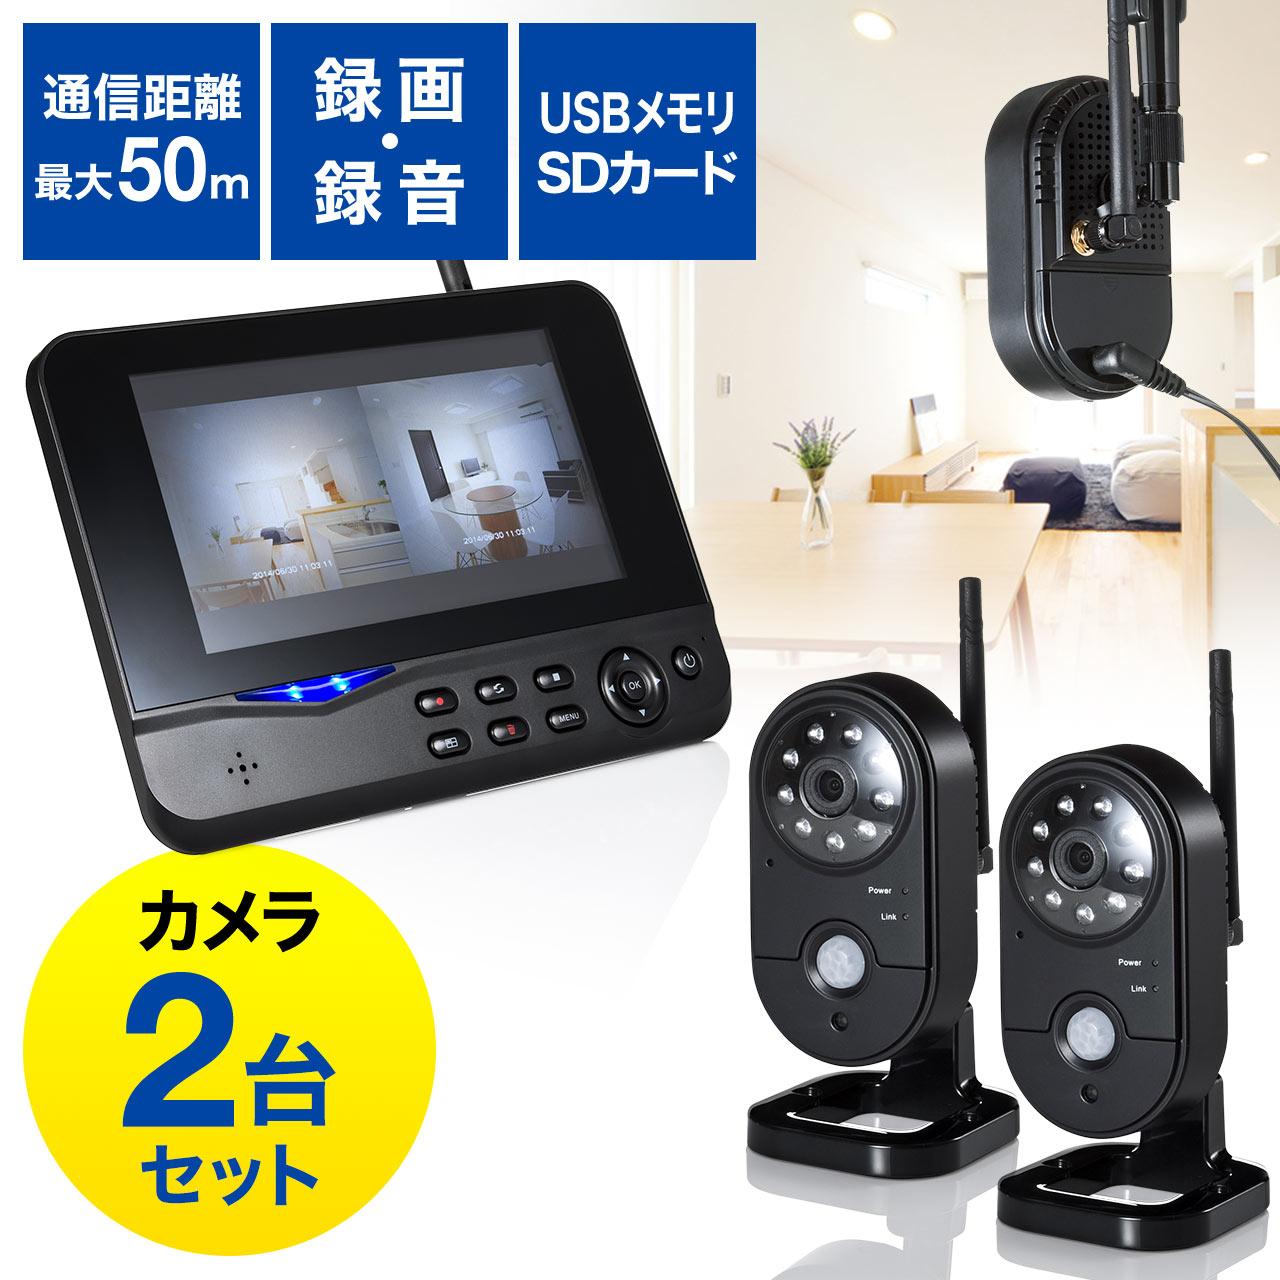 防犯カメラ&モニターセット(ワイヤレス・2台カメラセット・SDカード&USBメモリ録画対応) サンワダイレクト サンワサプライ 400-CAM035-2